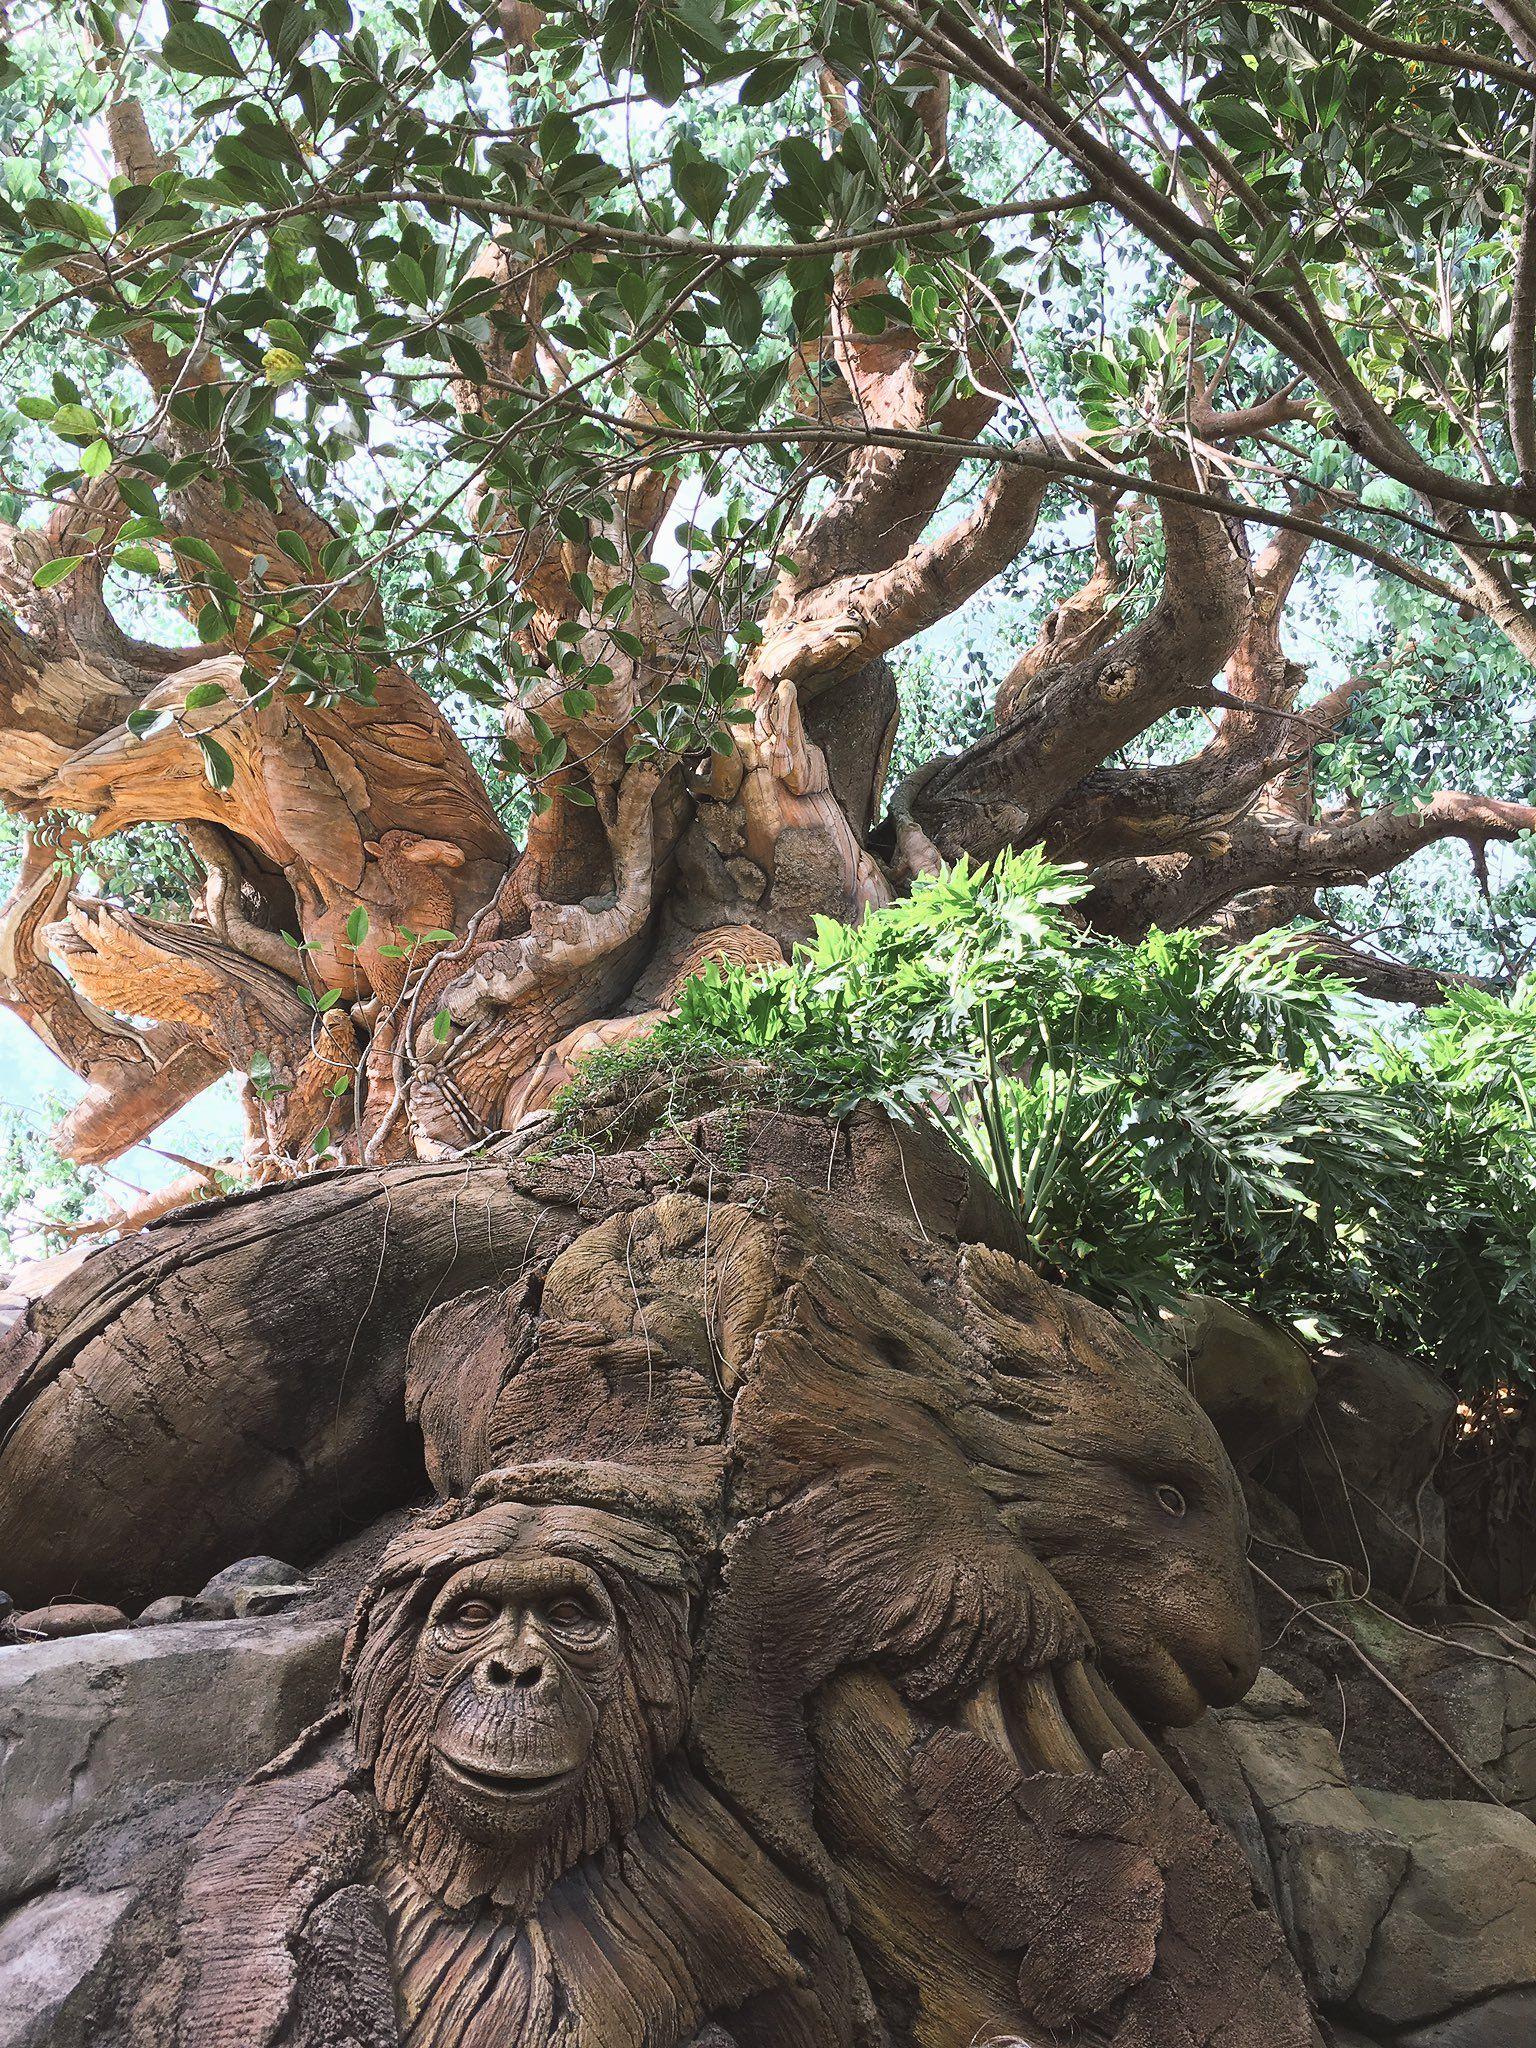 """""""真ん中に大きな木があってその造形が印象的でした。無数の動物たちから恐竜から古代生物まで、木のあらゆるところに埋め込まれてて… 3枚めは木の内部で4枚めはライトアップです"""""""